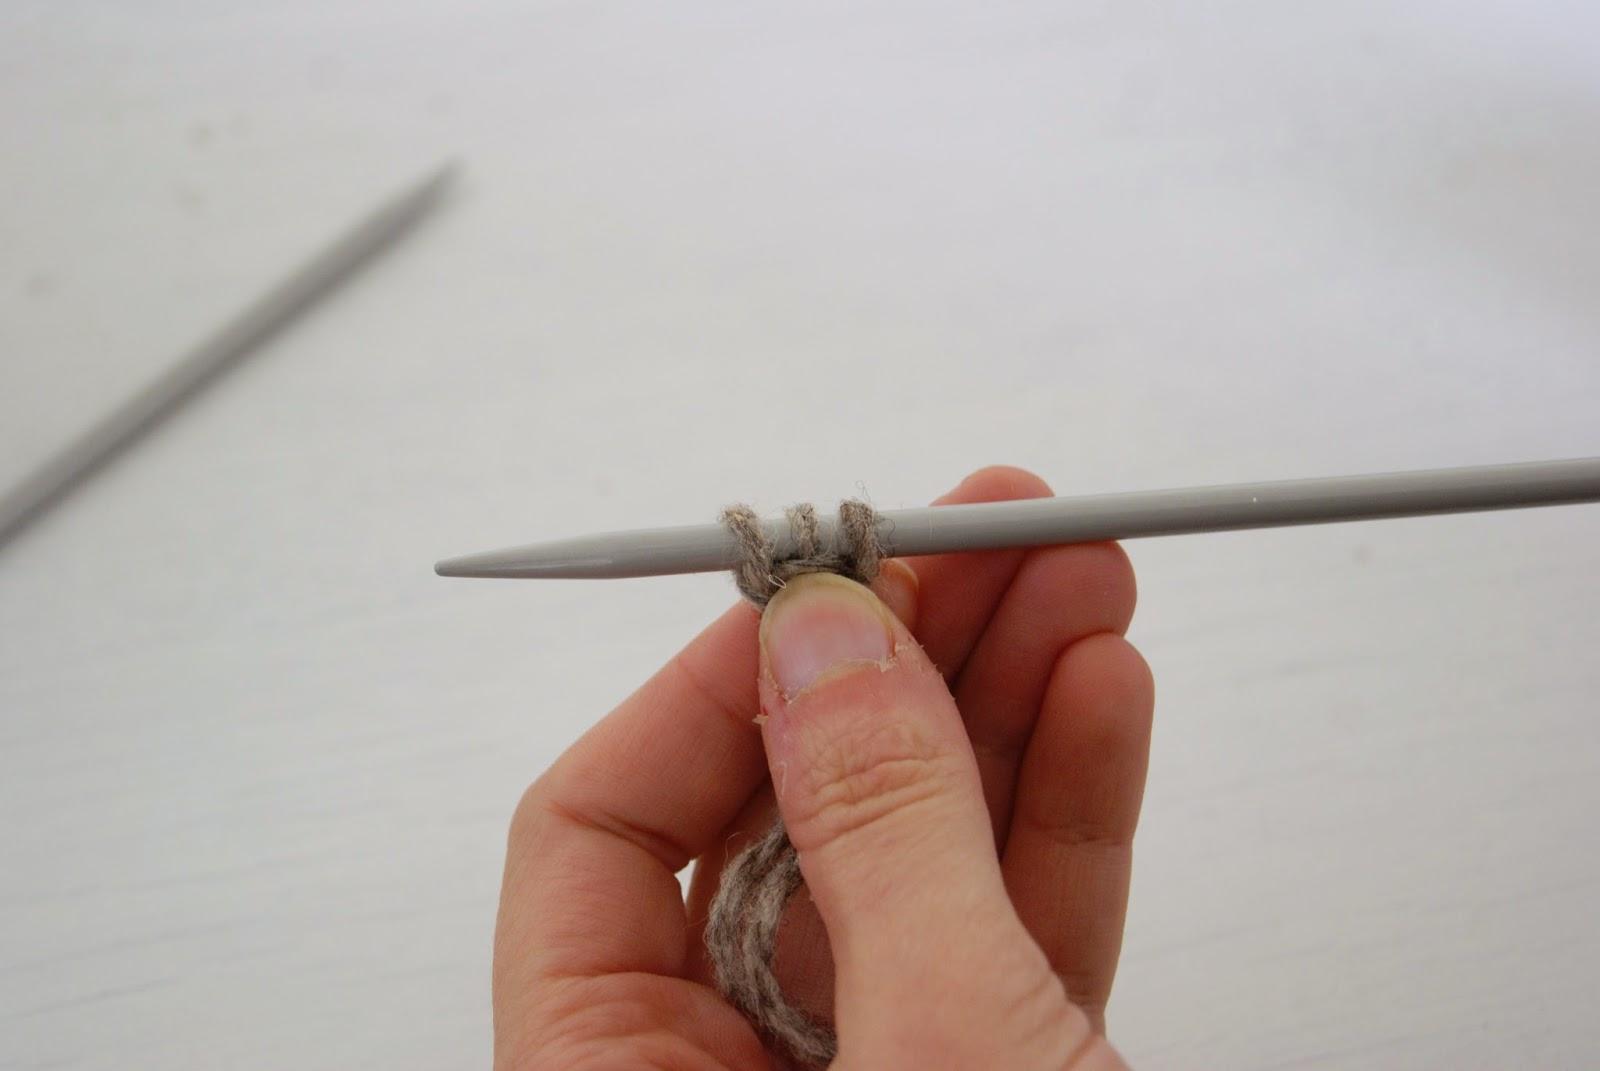 tricoter un cordon i-cord, première étape